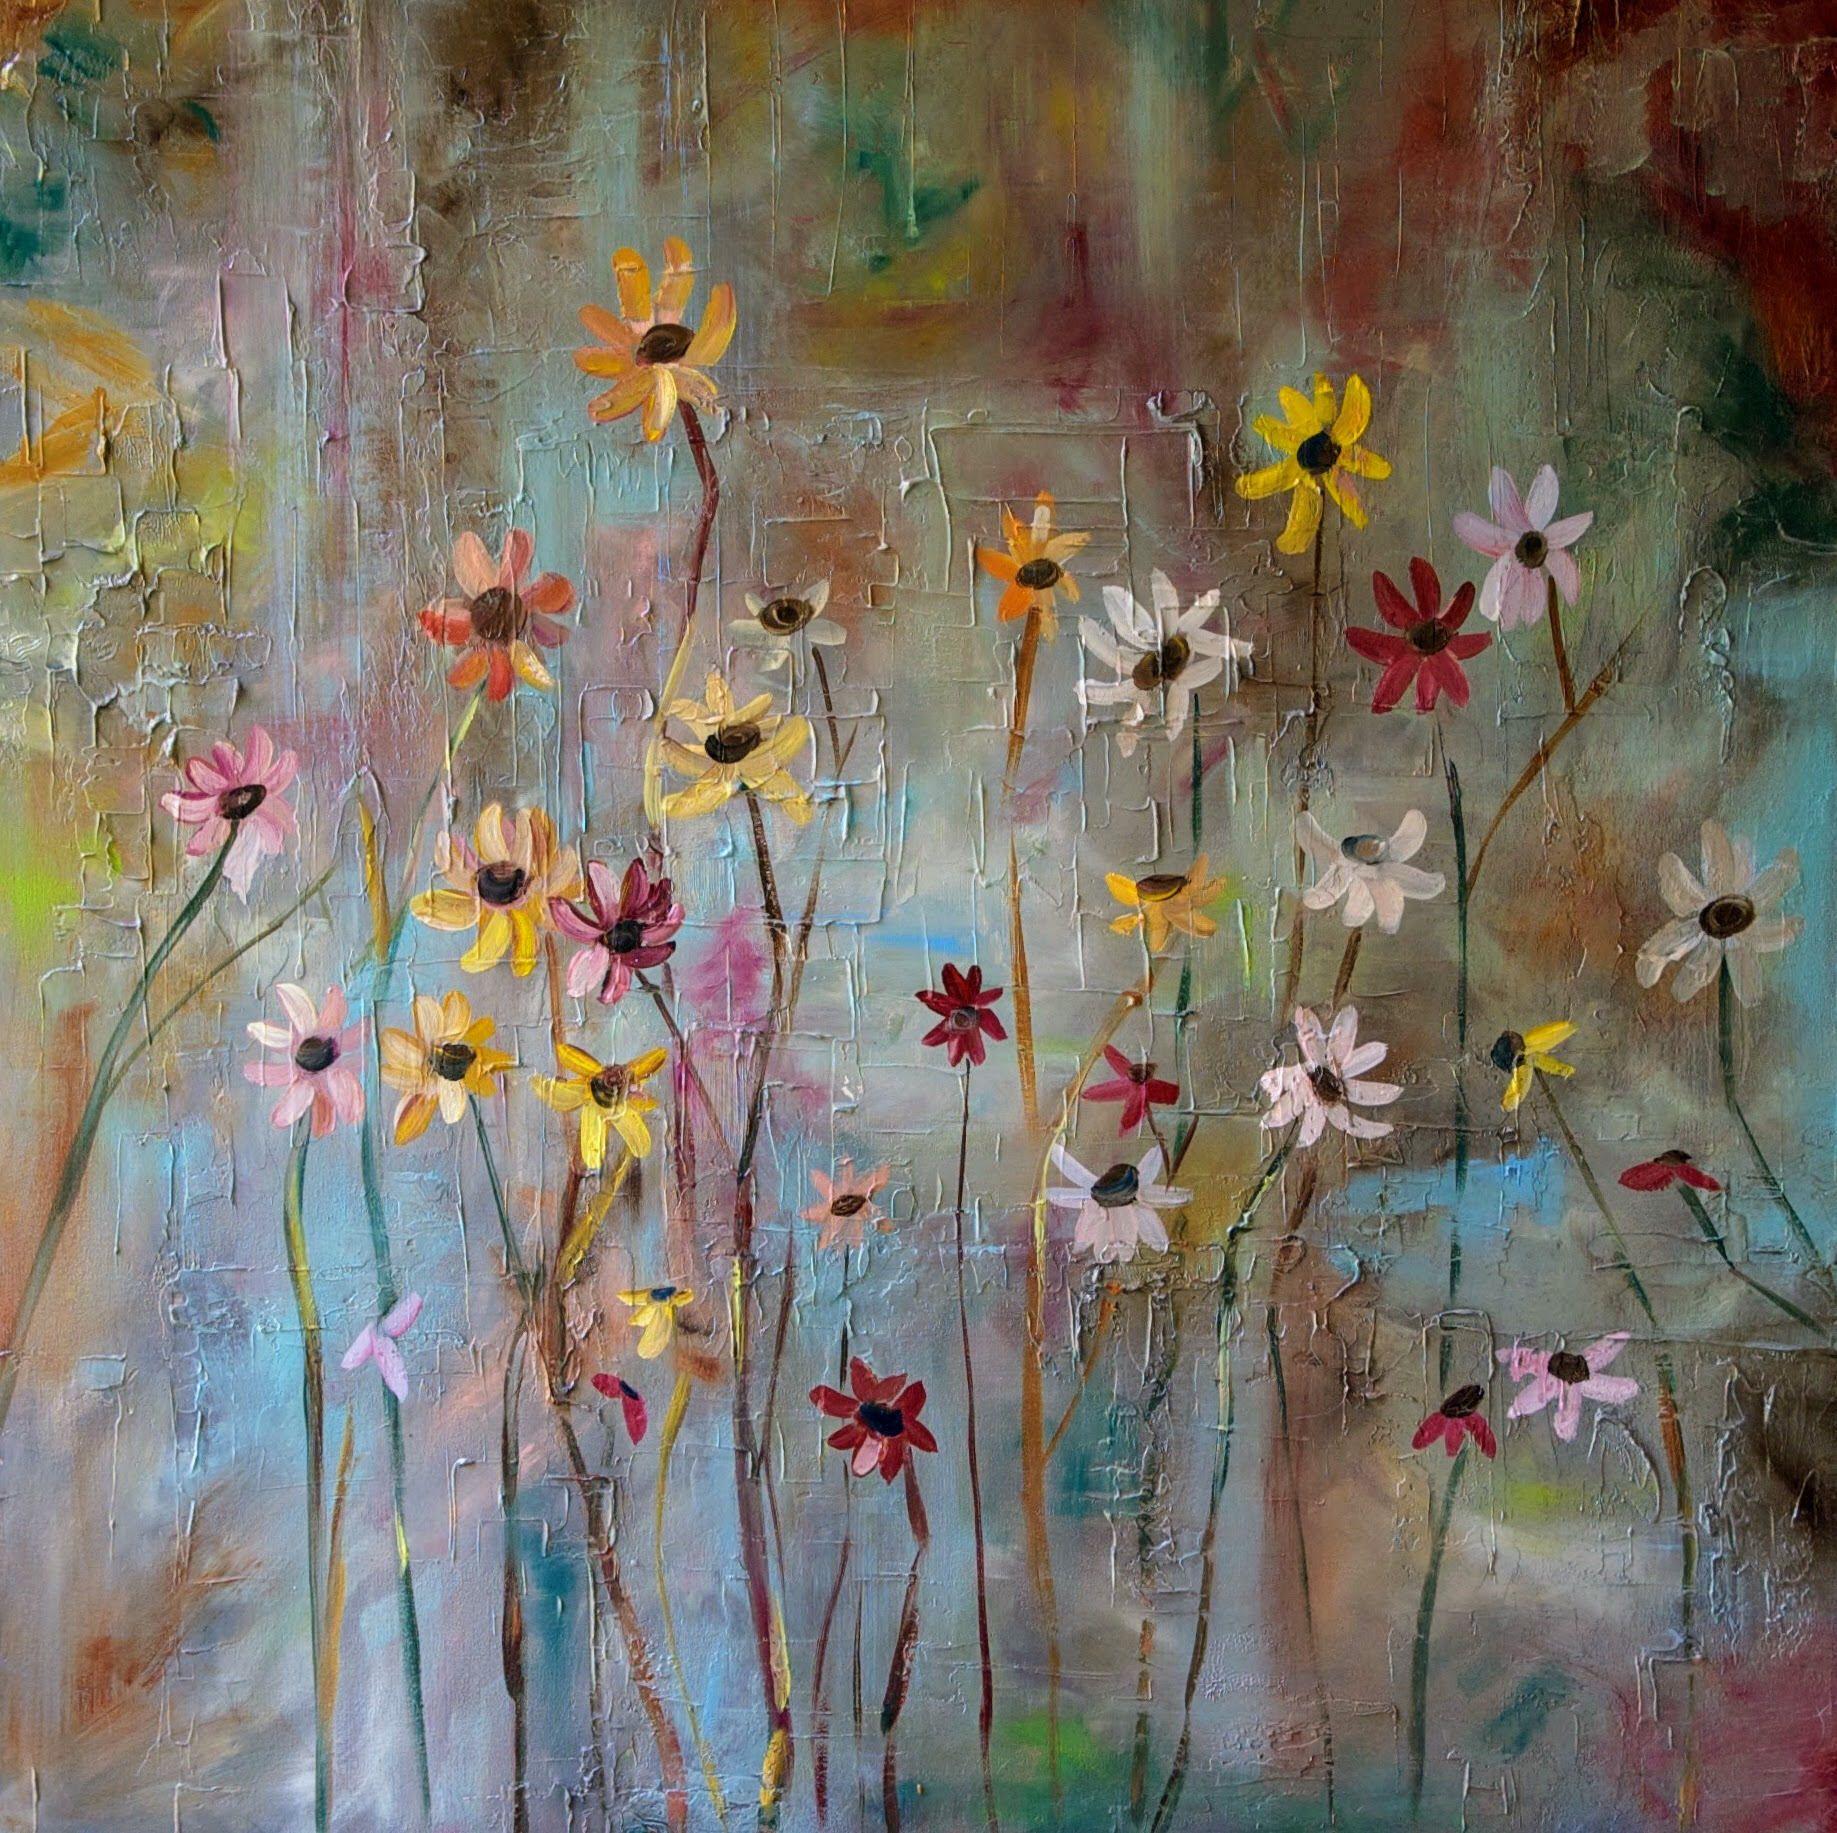 Flower painting flower art flower artwork floral painting floral flower painting flower art flower artwork floral painting floral art floral izmirmasajfo